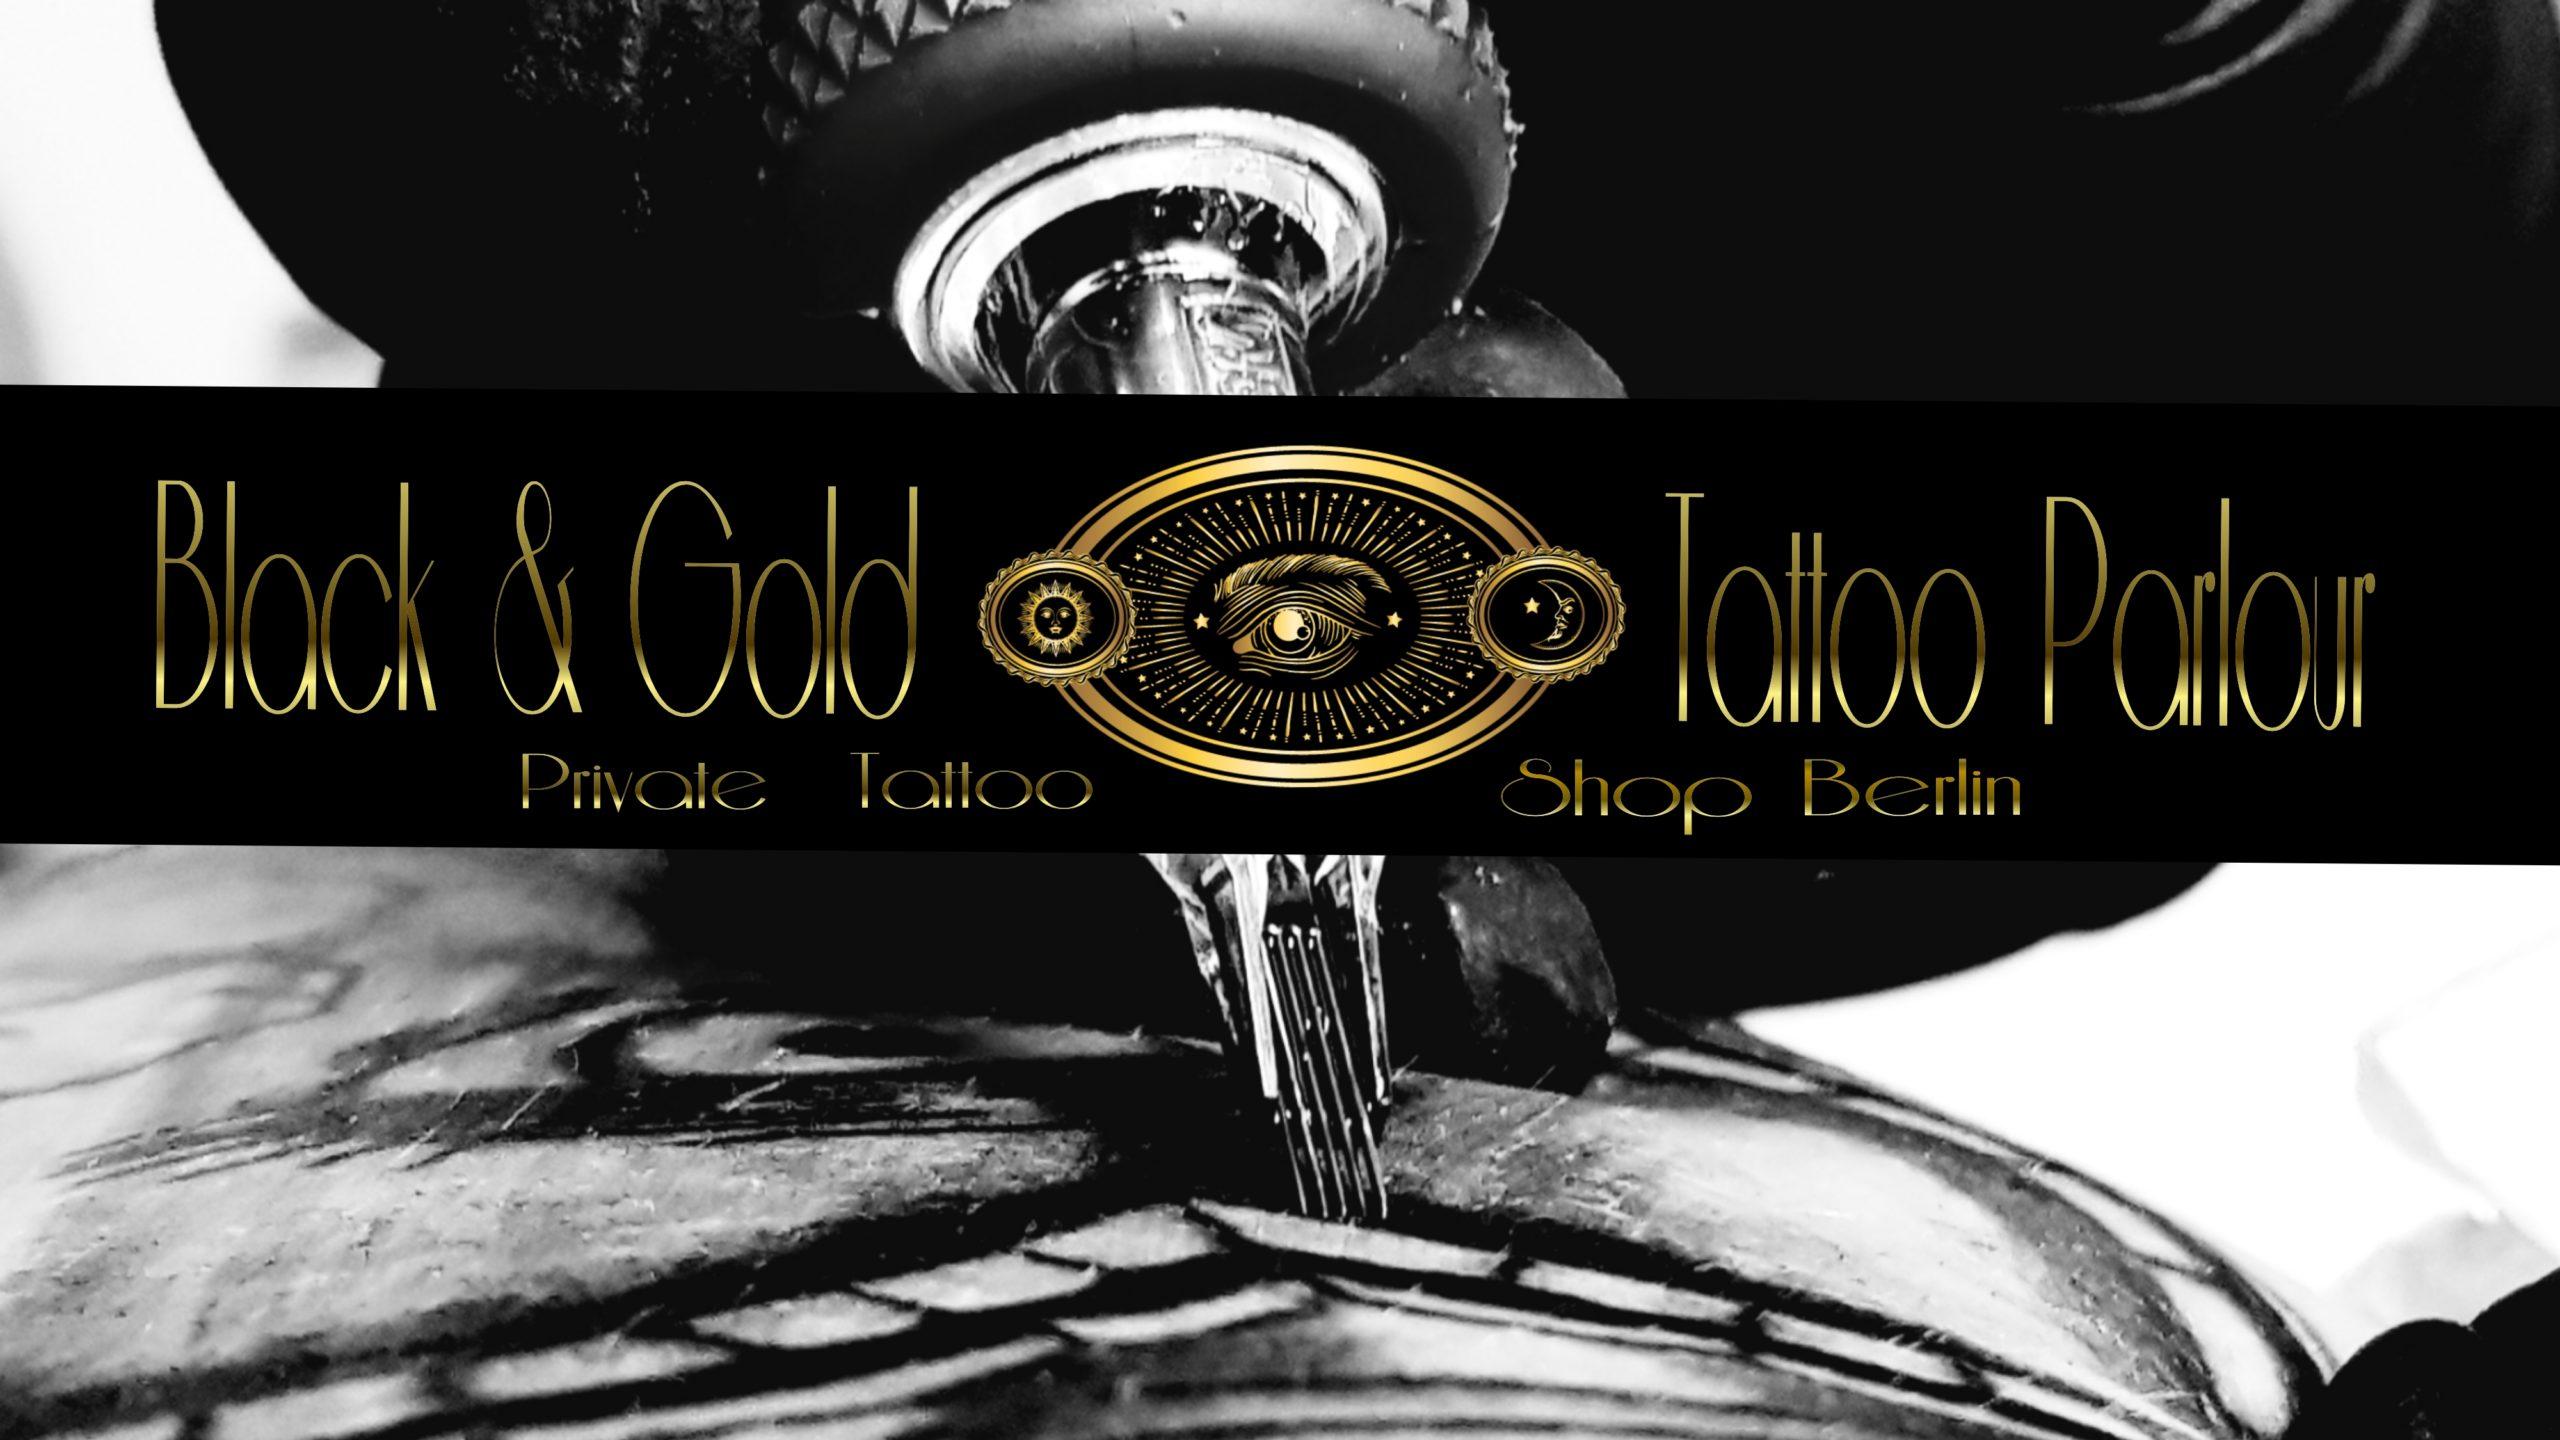 Black&Gold-Tattoo-Parour-Berlin_Logo_Banner